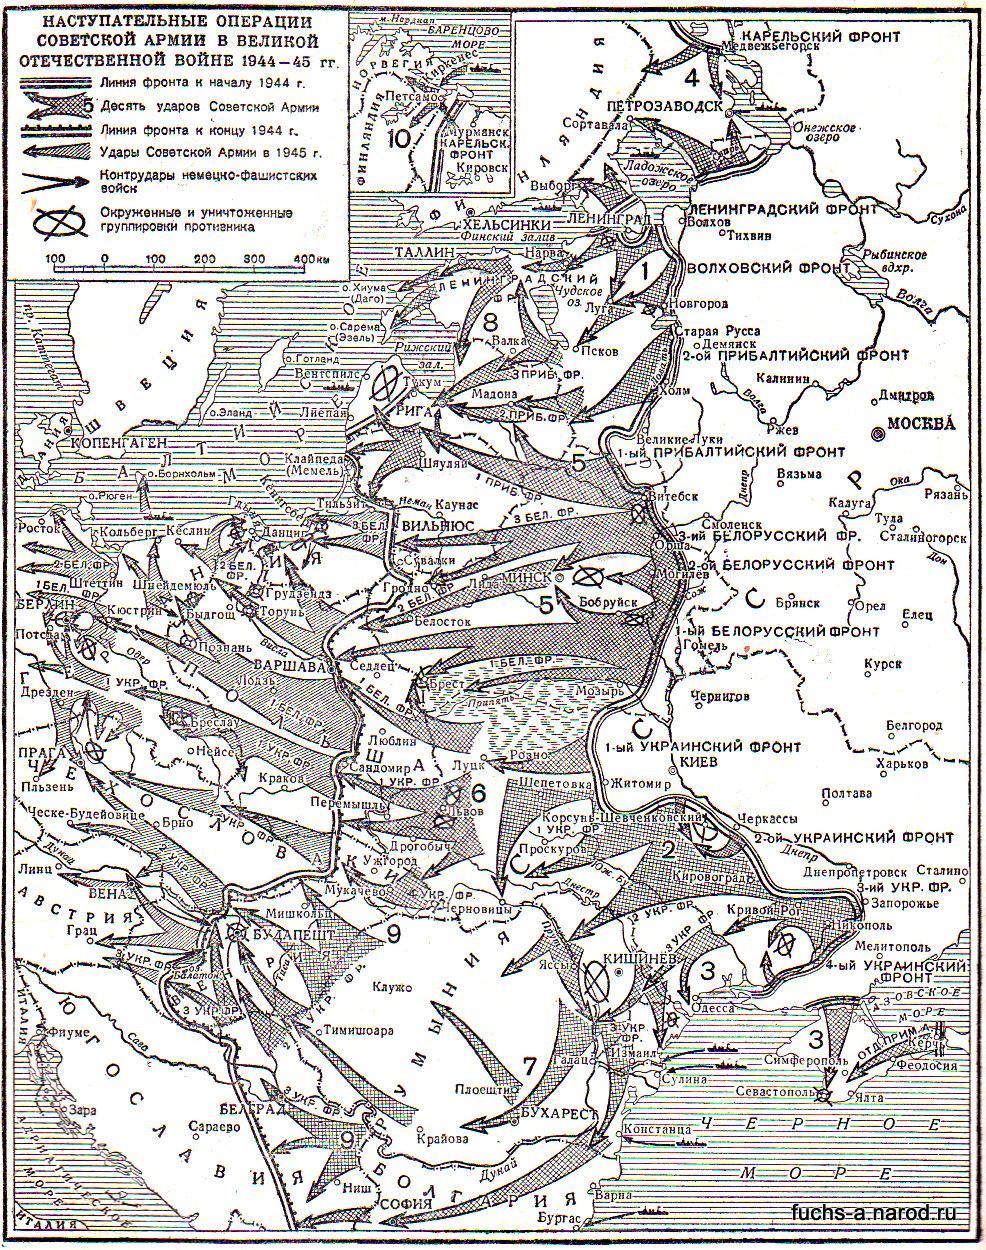 наступательные операции 1944-1945 гг.